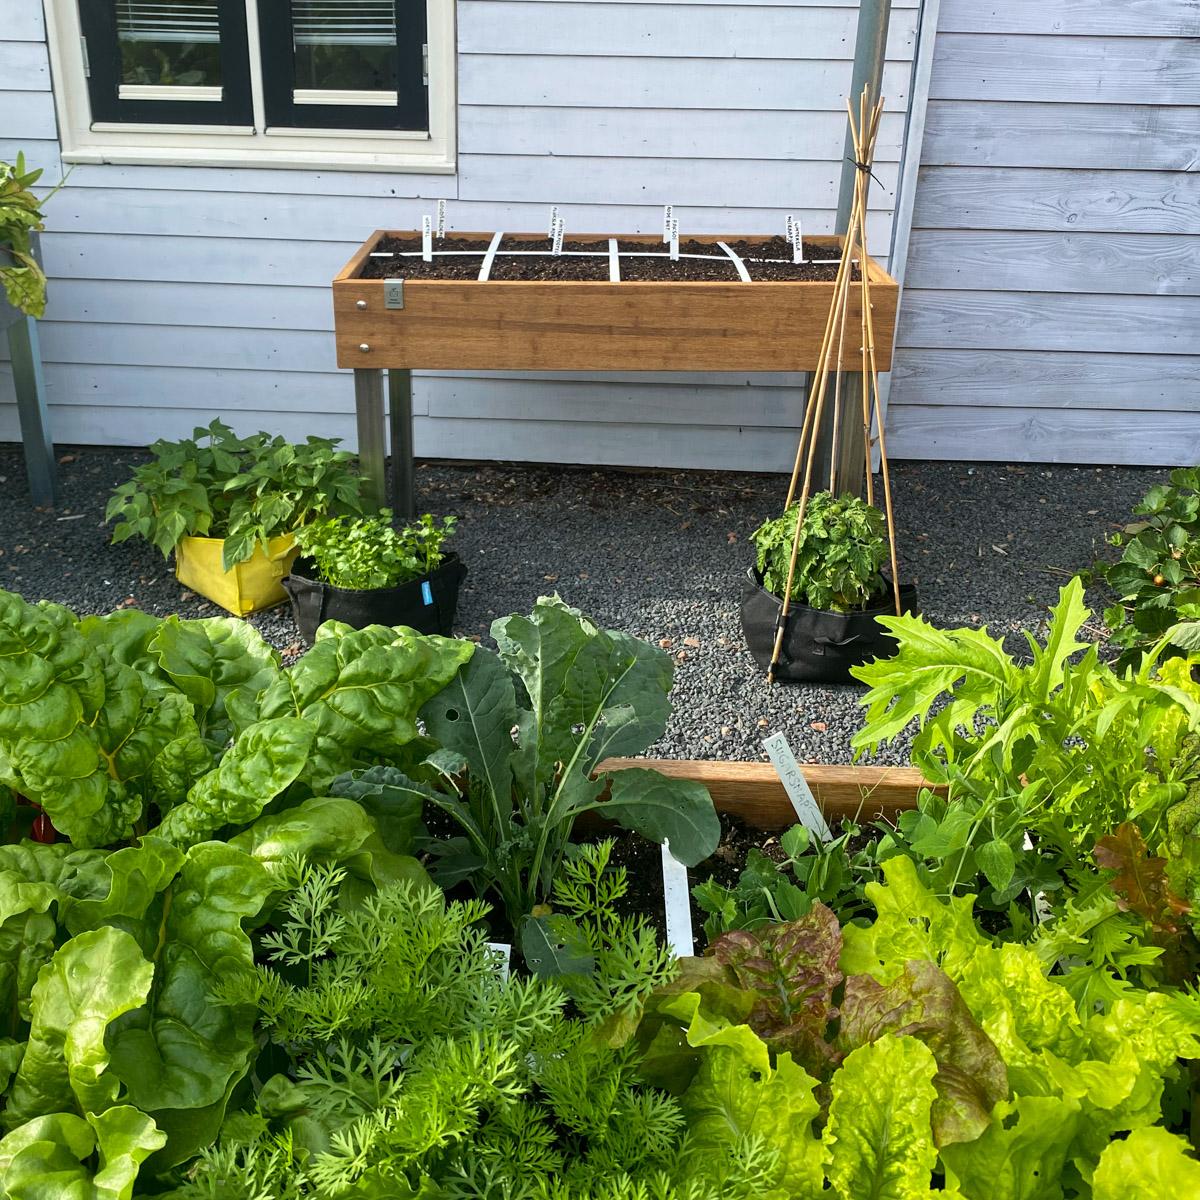 blog-early-august-in-the-vegetable-garden6.jpg